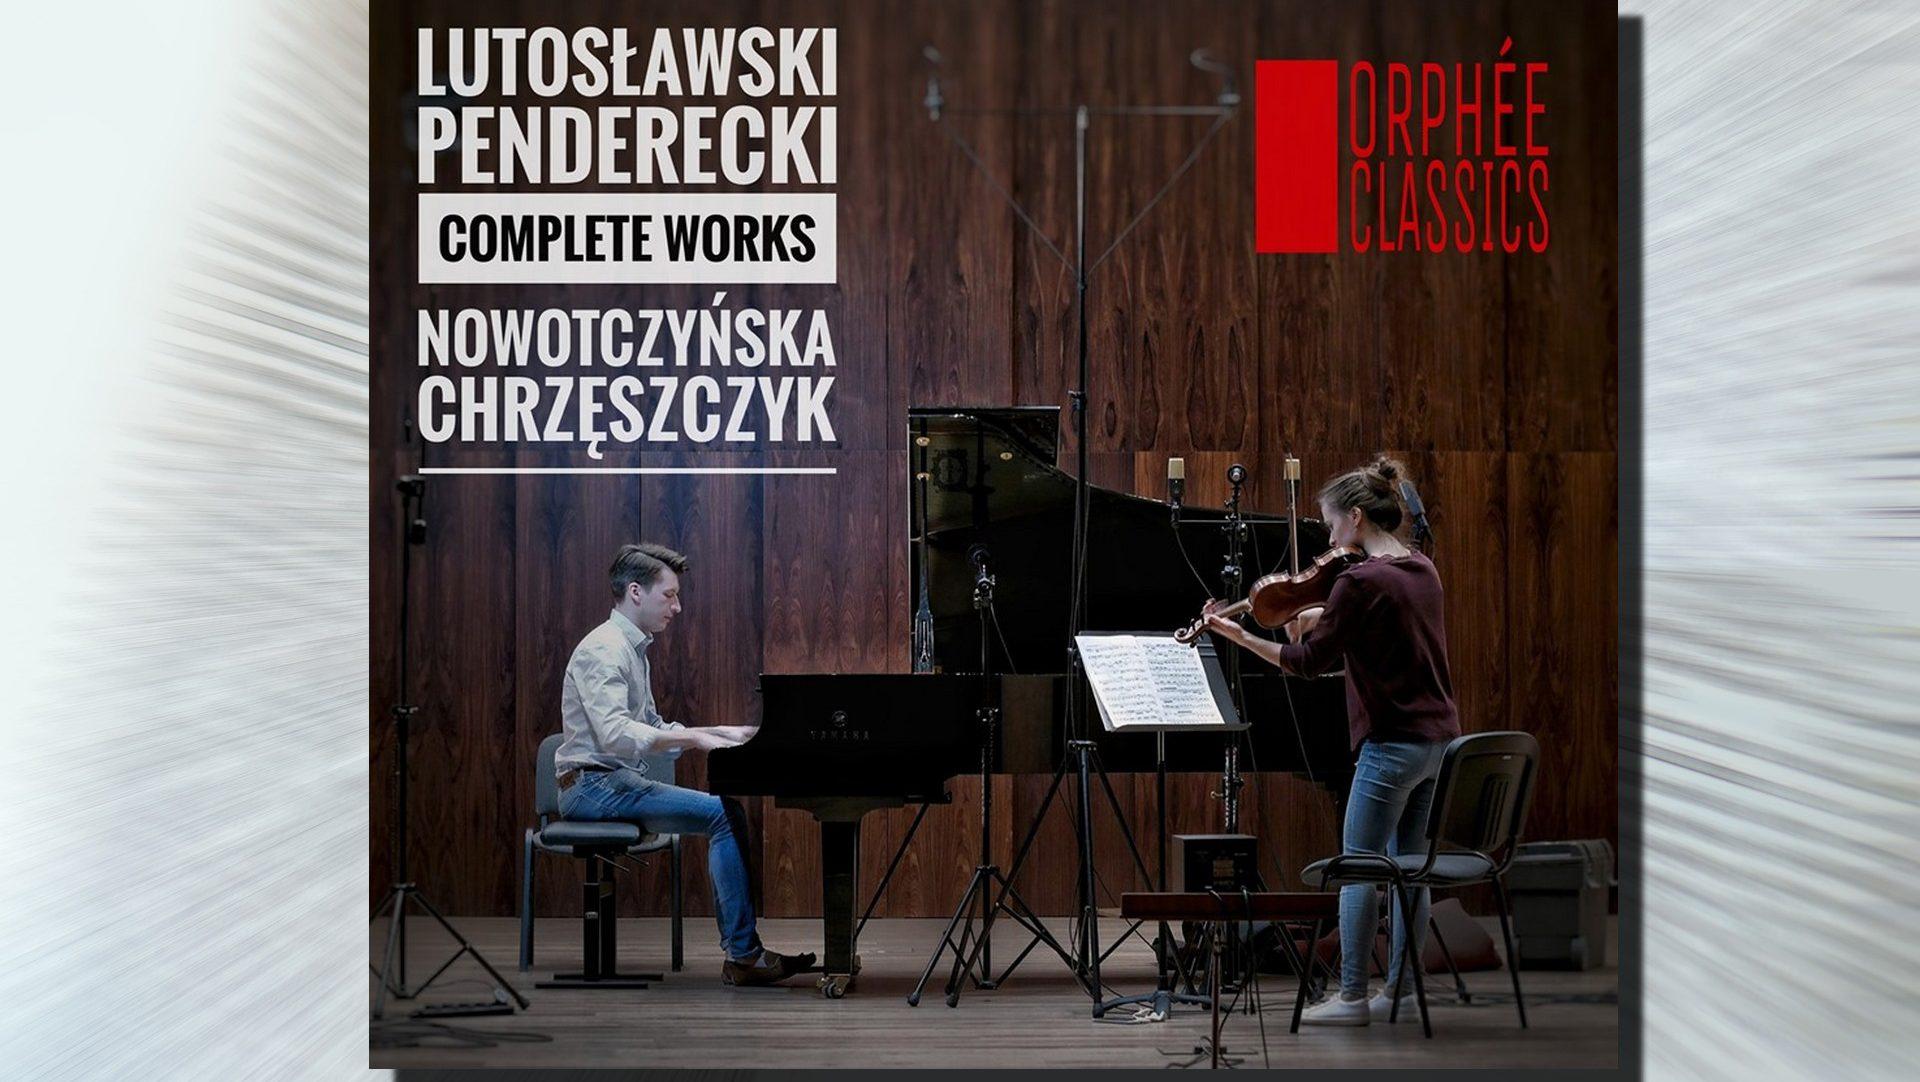 Penderecki & Lutosławski – nowa płyta Karoliny Nowotczyńskiej